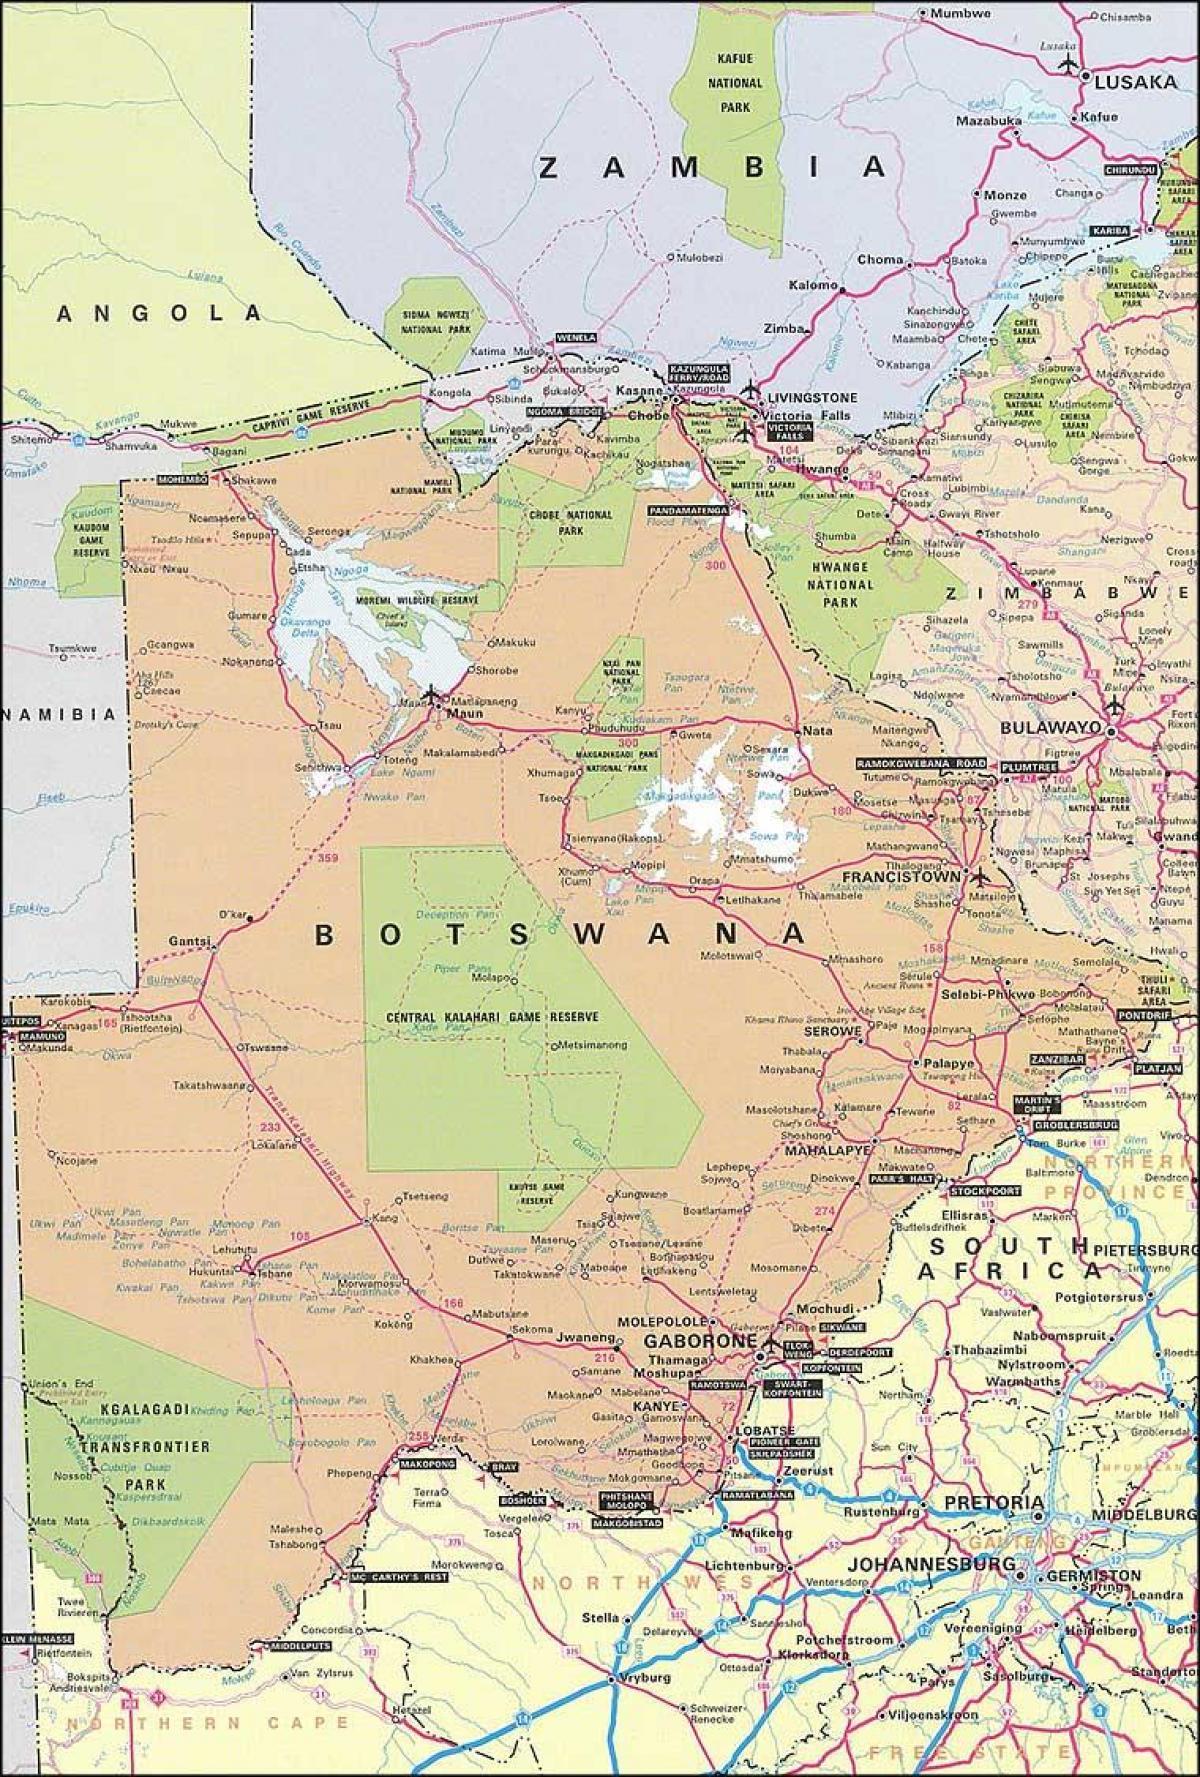 Kort Over Botswana Og De Omkringliggende Lande Kort Botswana Og